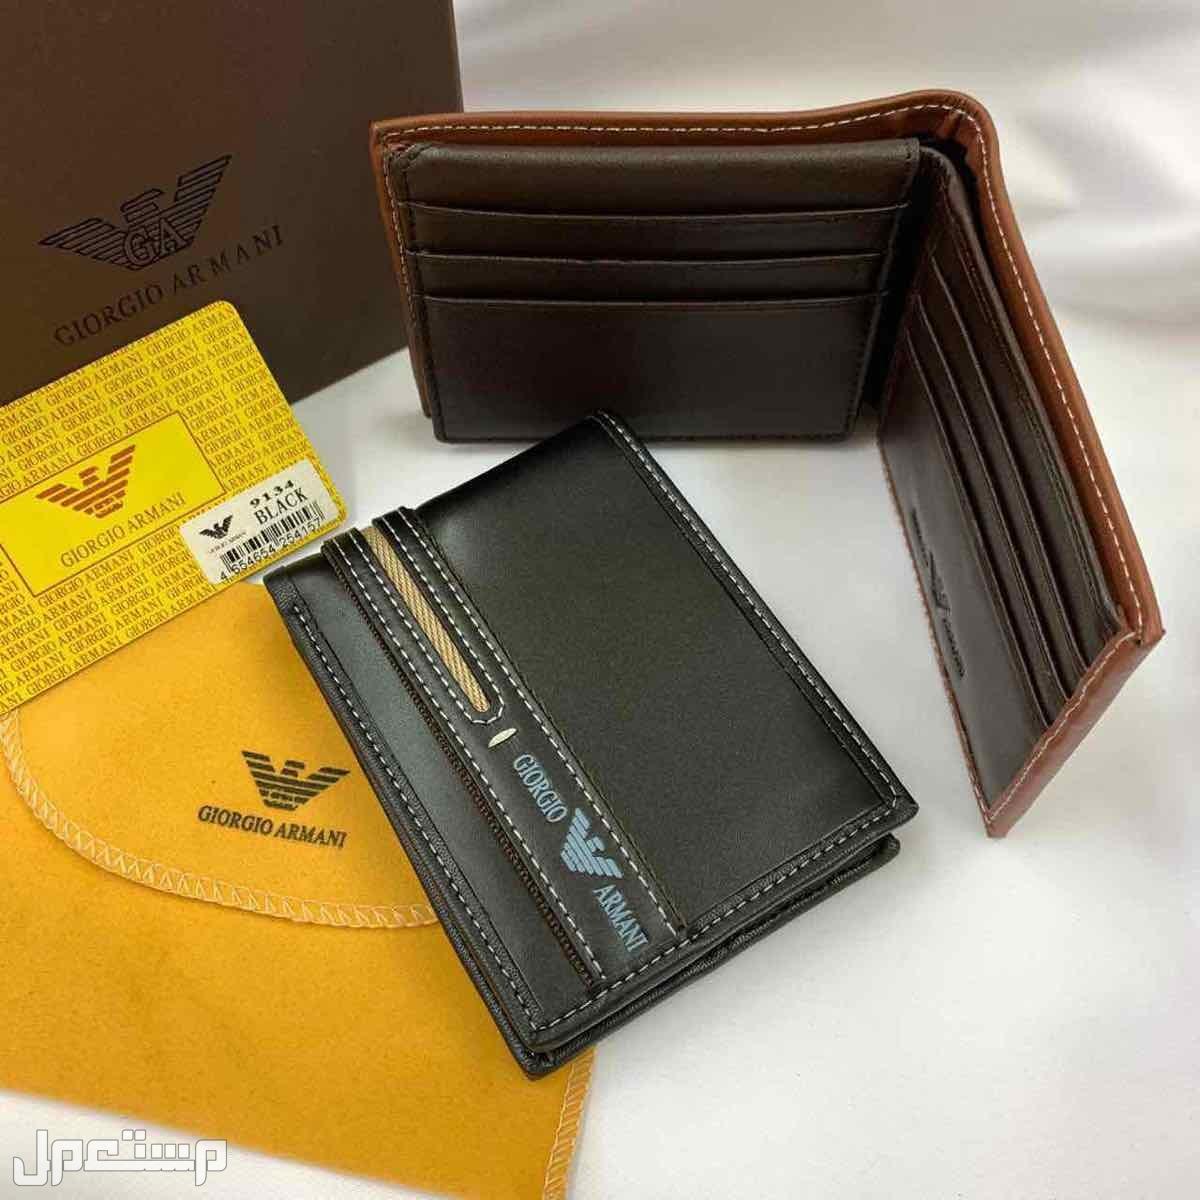 محفظه رجالي دنهل مونت بلانكً ارماني لويس فيتون كارتير فرزاتشي فراري